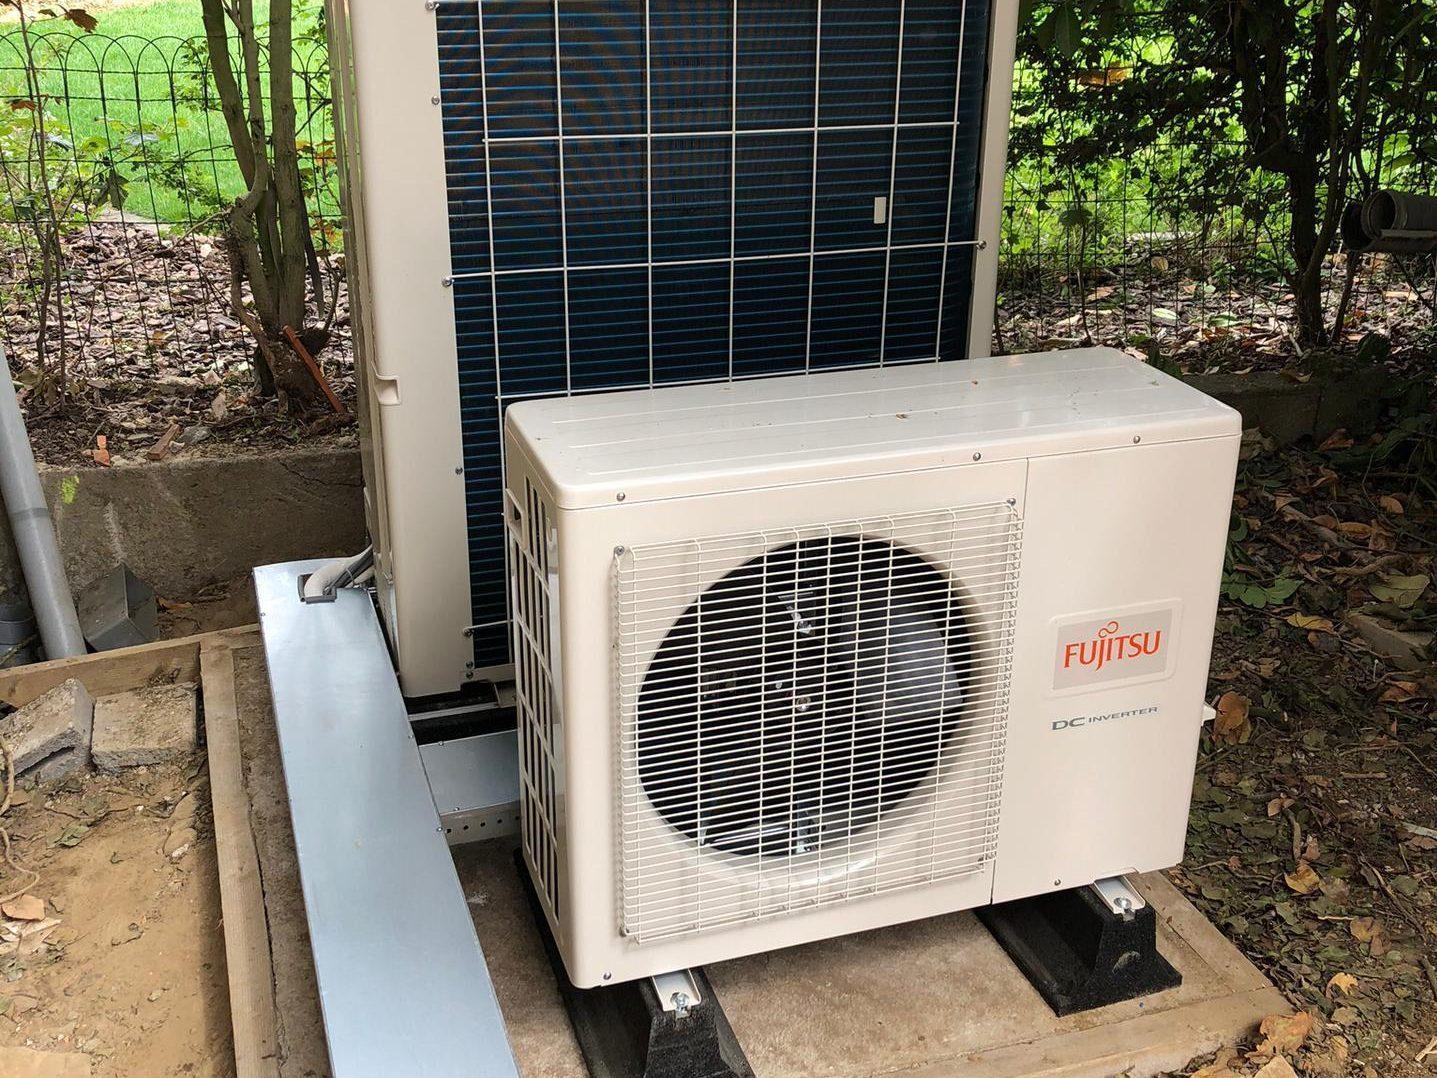 Fujitsu warmtepomp & Airco